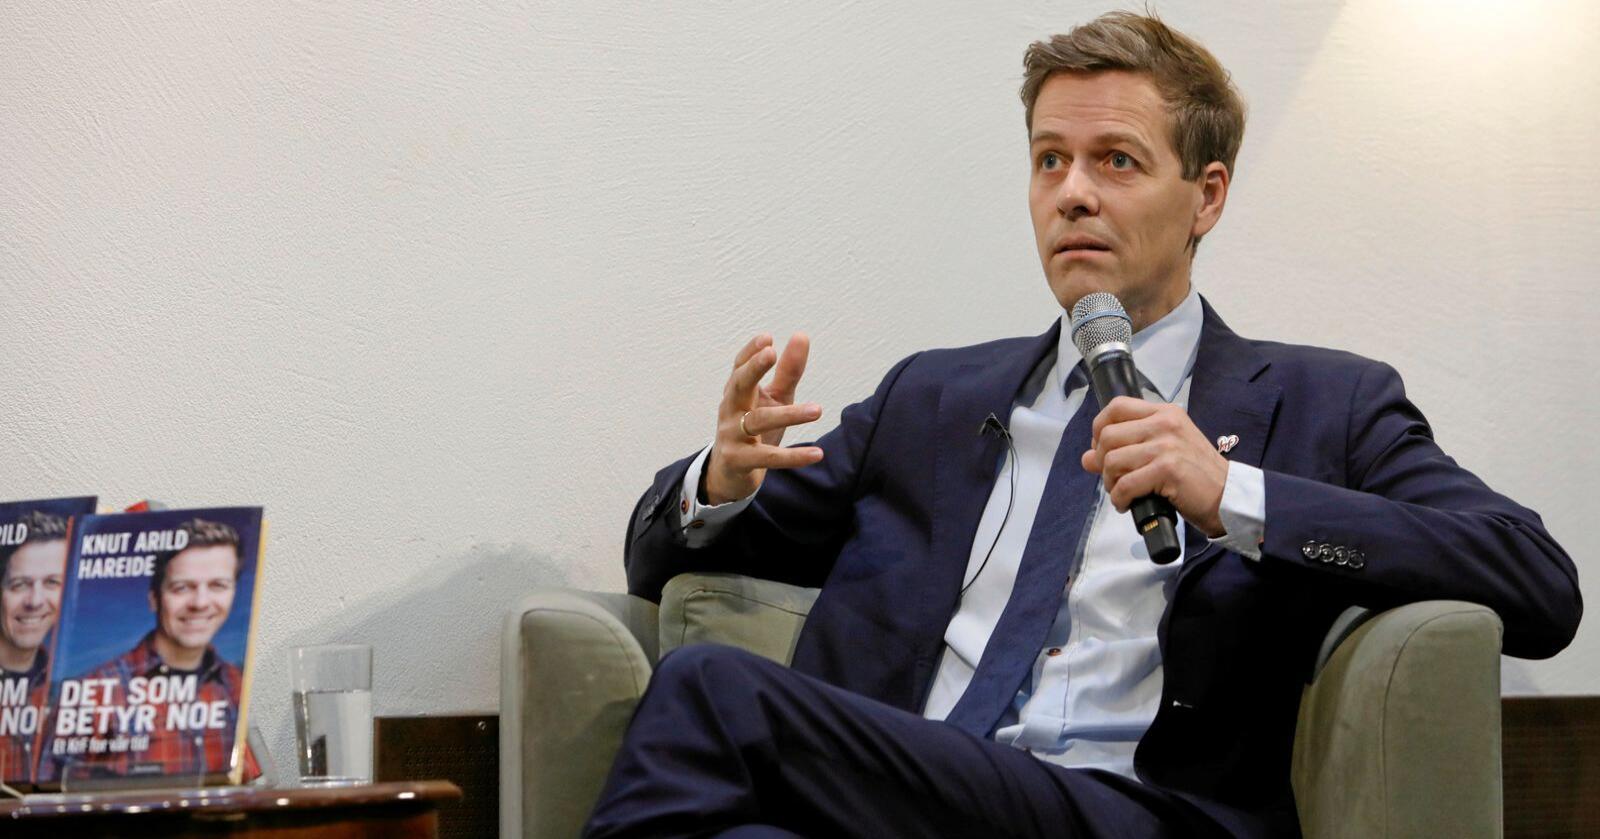 Før, i september 2018: KrFs daværende partileder Knut Arild Hareide lanserer boka «Det som betyr noe: Et KrF for vår tid». Hva betyr noe nå?Foto: Ole Berg-Rusten / NTB scanpix